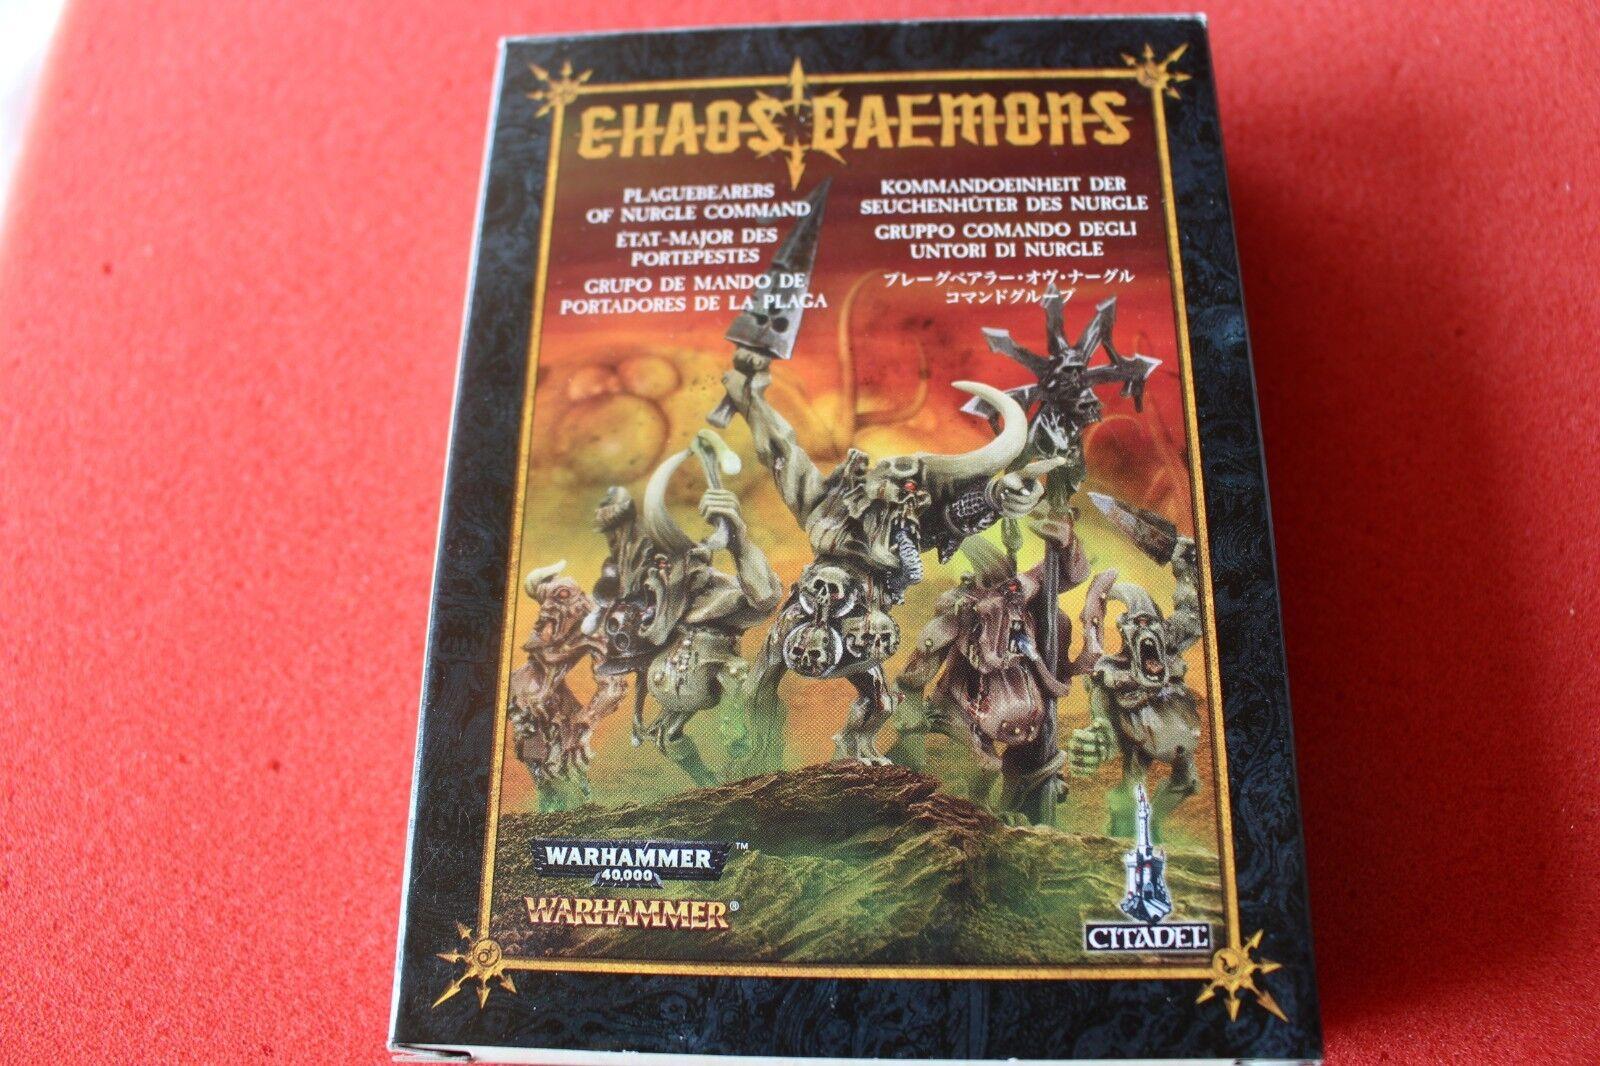 Juegos taller Warhammer demonios de comando Plaguebearers de Nurgle Nuevo Metal GW